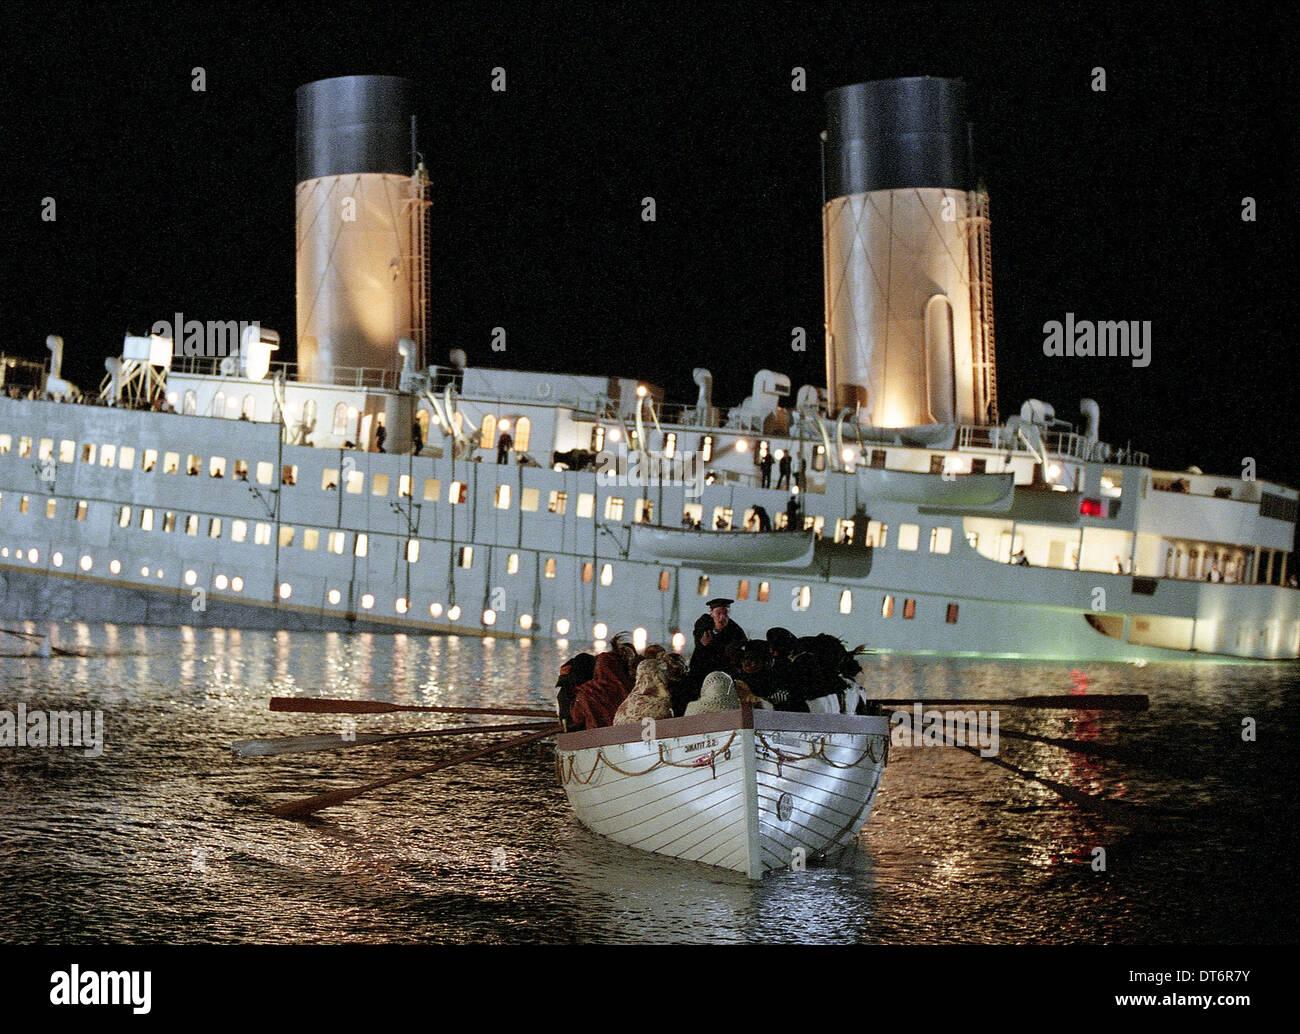 LIFEBOAT SCENE TITANIC (1997) - Stock Image